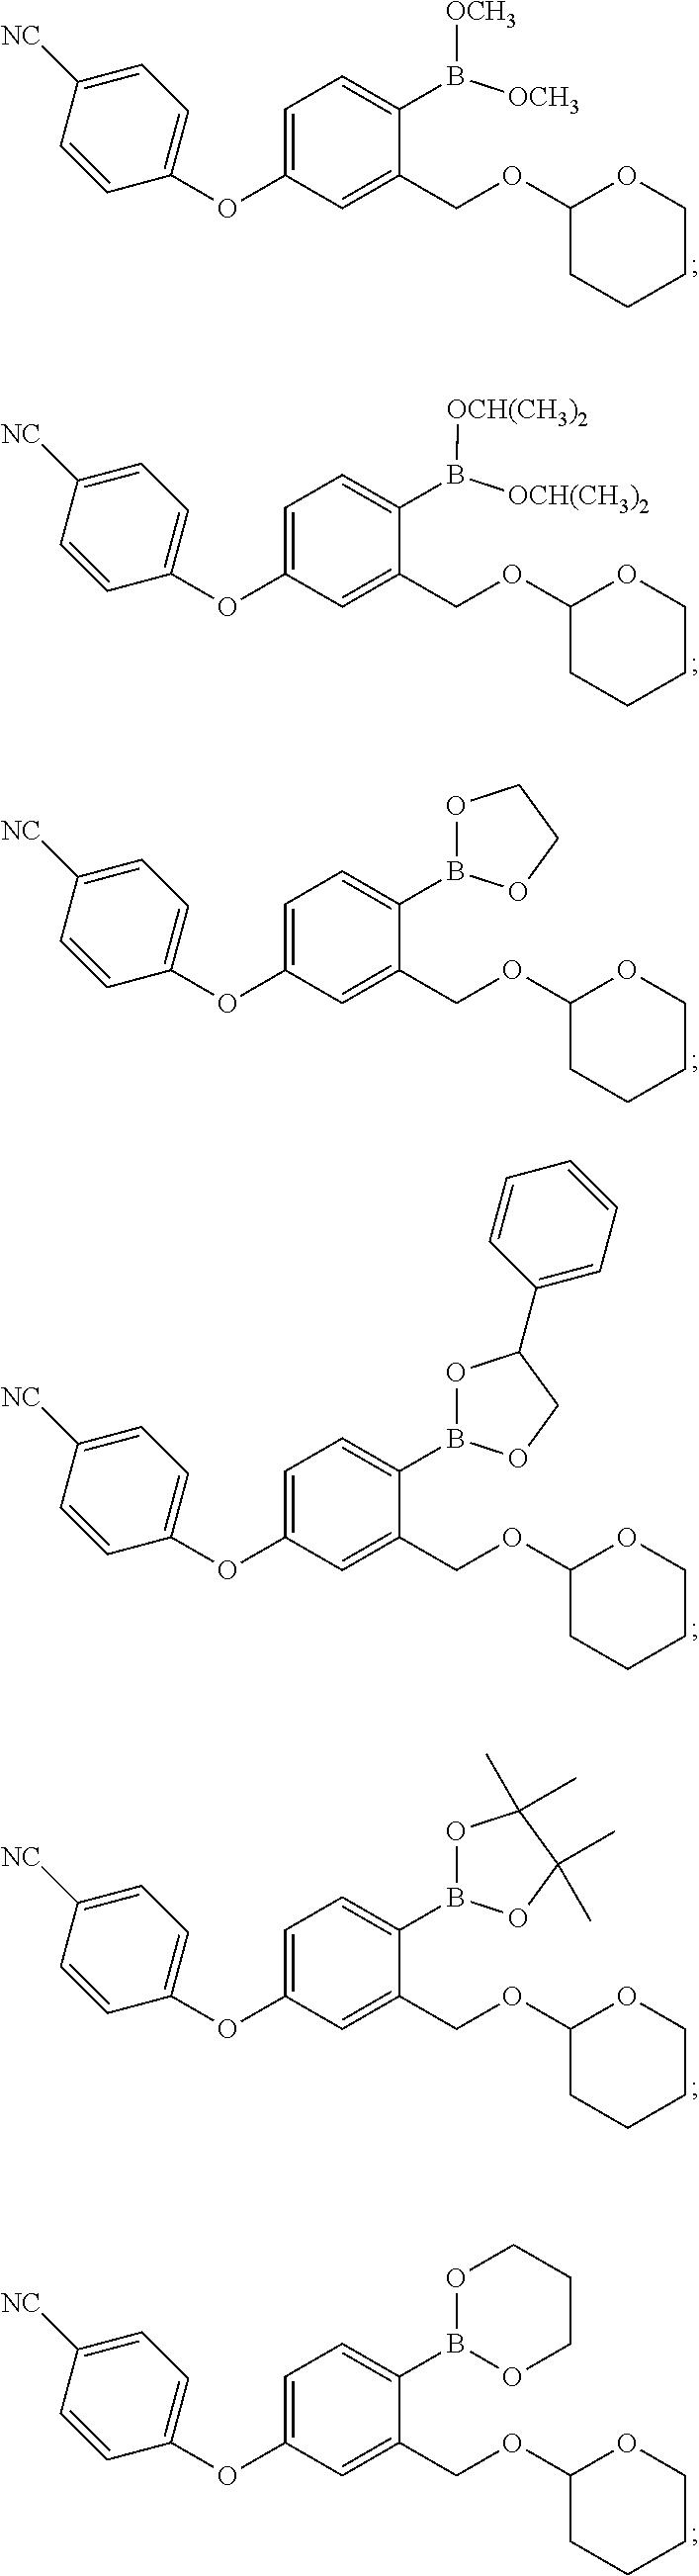 Figure US09566289-20170214-C00098